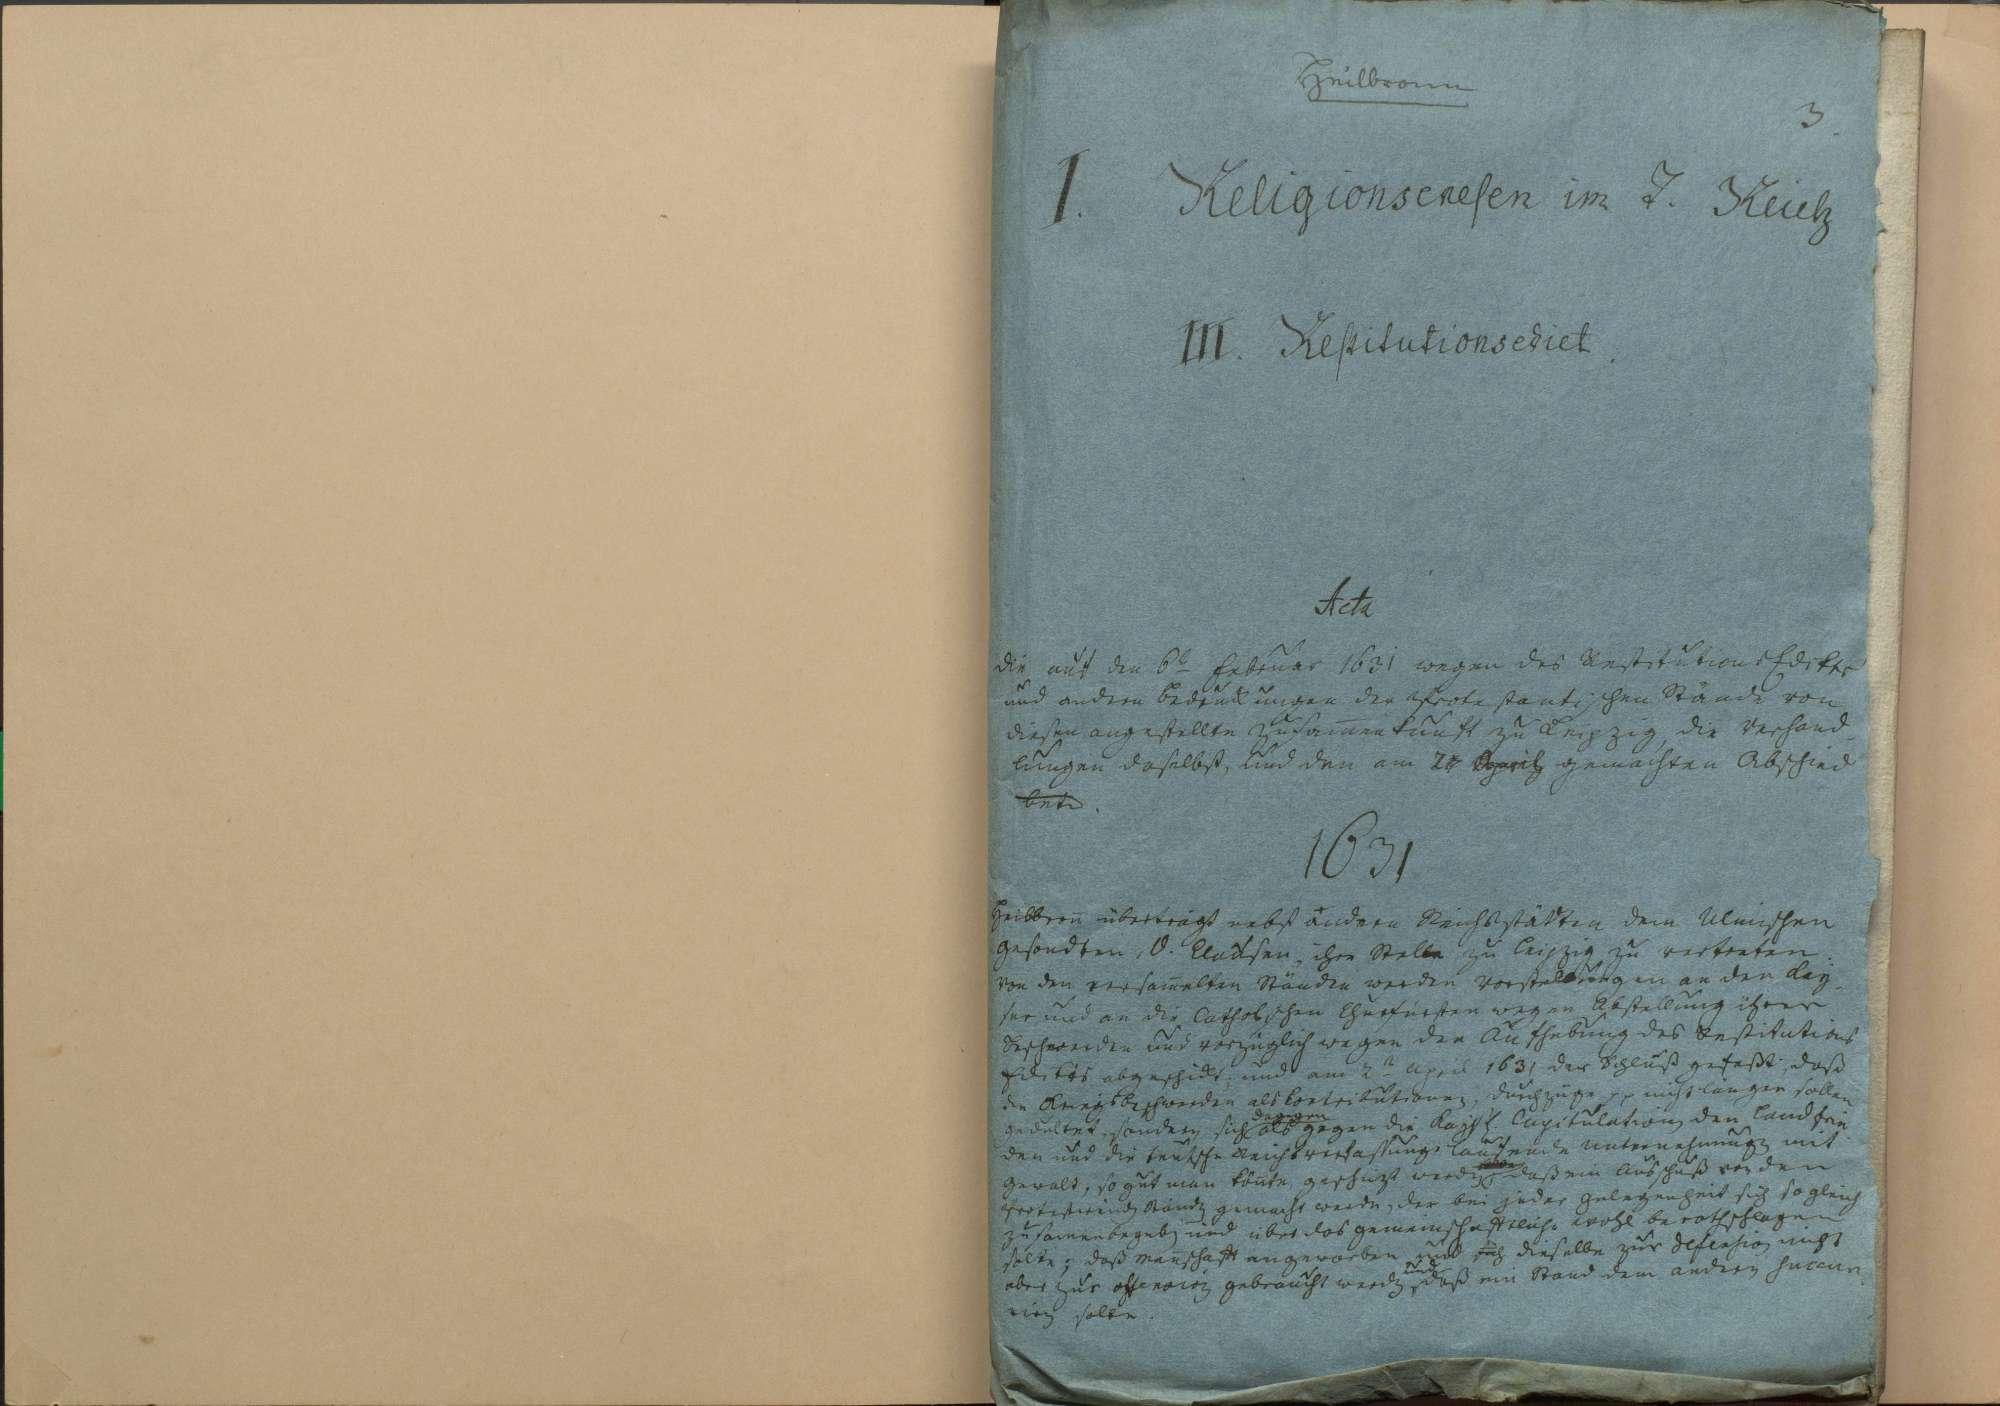 Zusammenkunft der protestantischen Stände vom 6. Februar 1631 zu Leipzig wegen des Restitutionsedikts und anderer Bedrückungen der protestantischen Stände, Verhandlungen daselbst und Abschied vom 2. April 1631, Bild 1